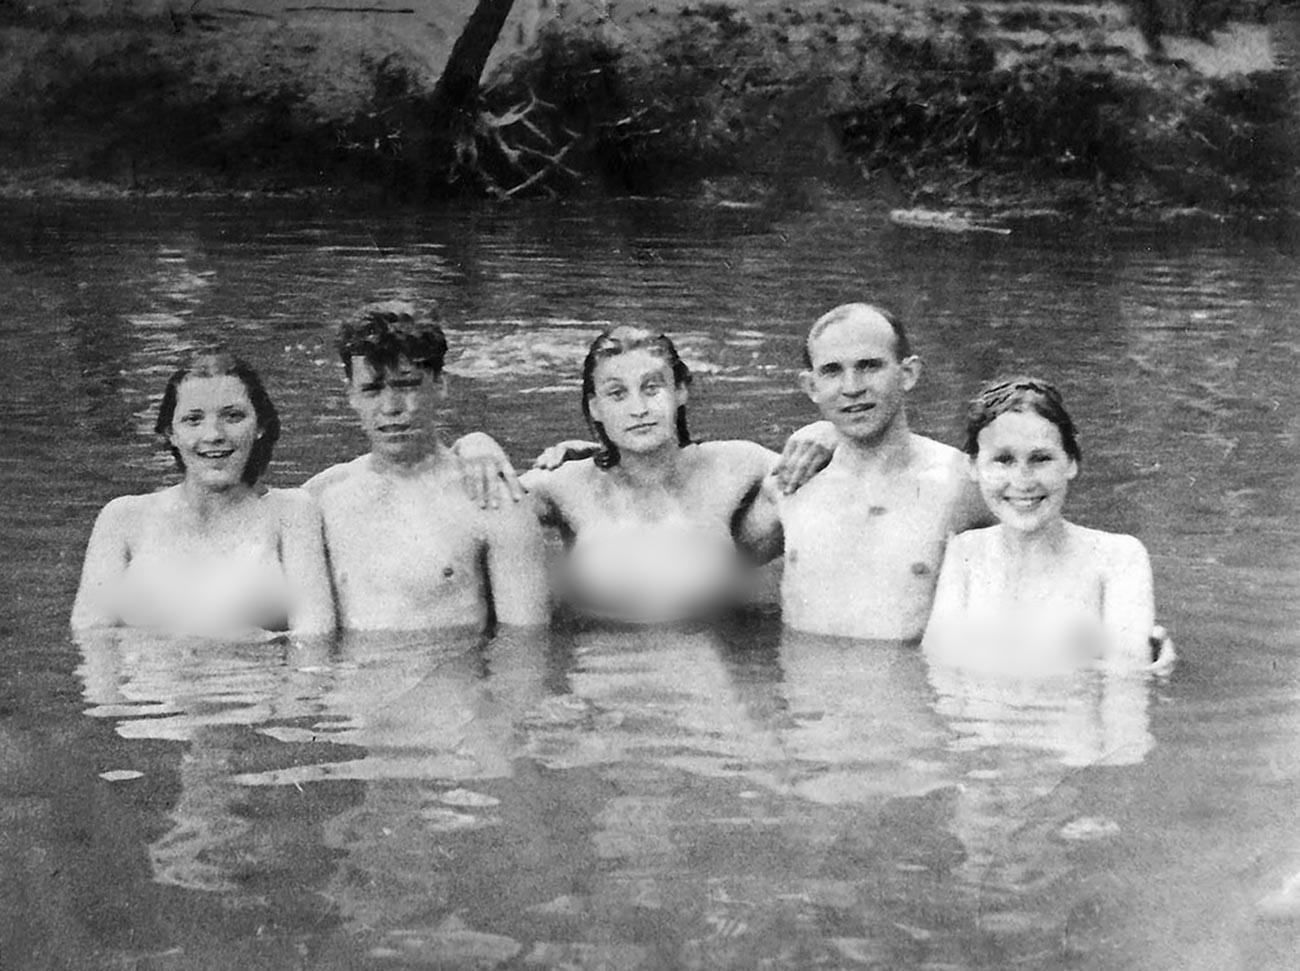 Des membres du Komsomol (organisation de la Jeunesse communiste), ouvrières d'usine, se baignent dans la Moskova, en 1940